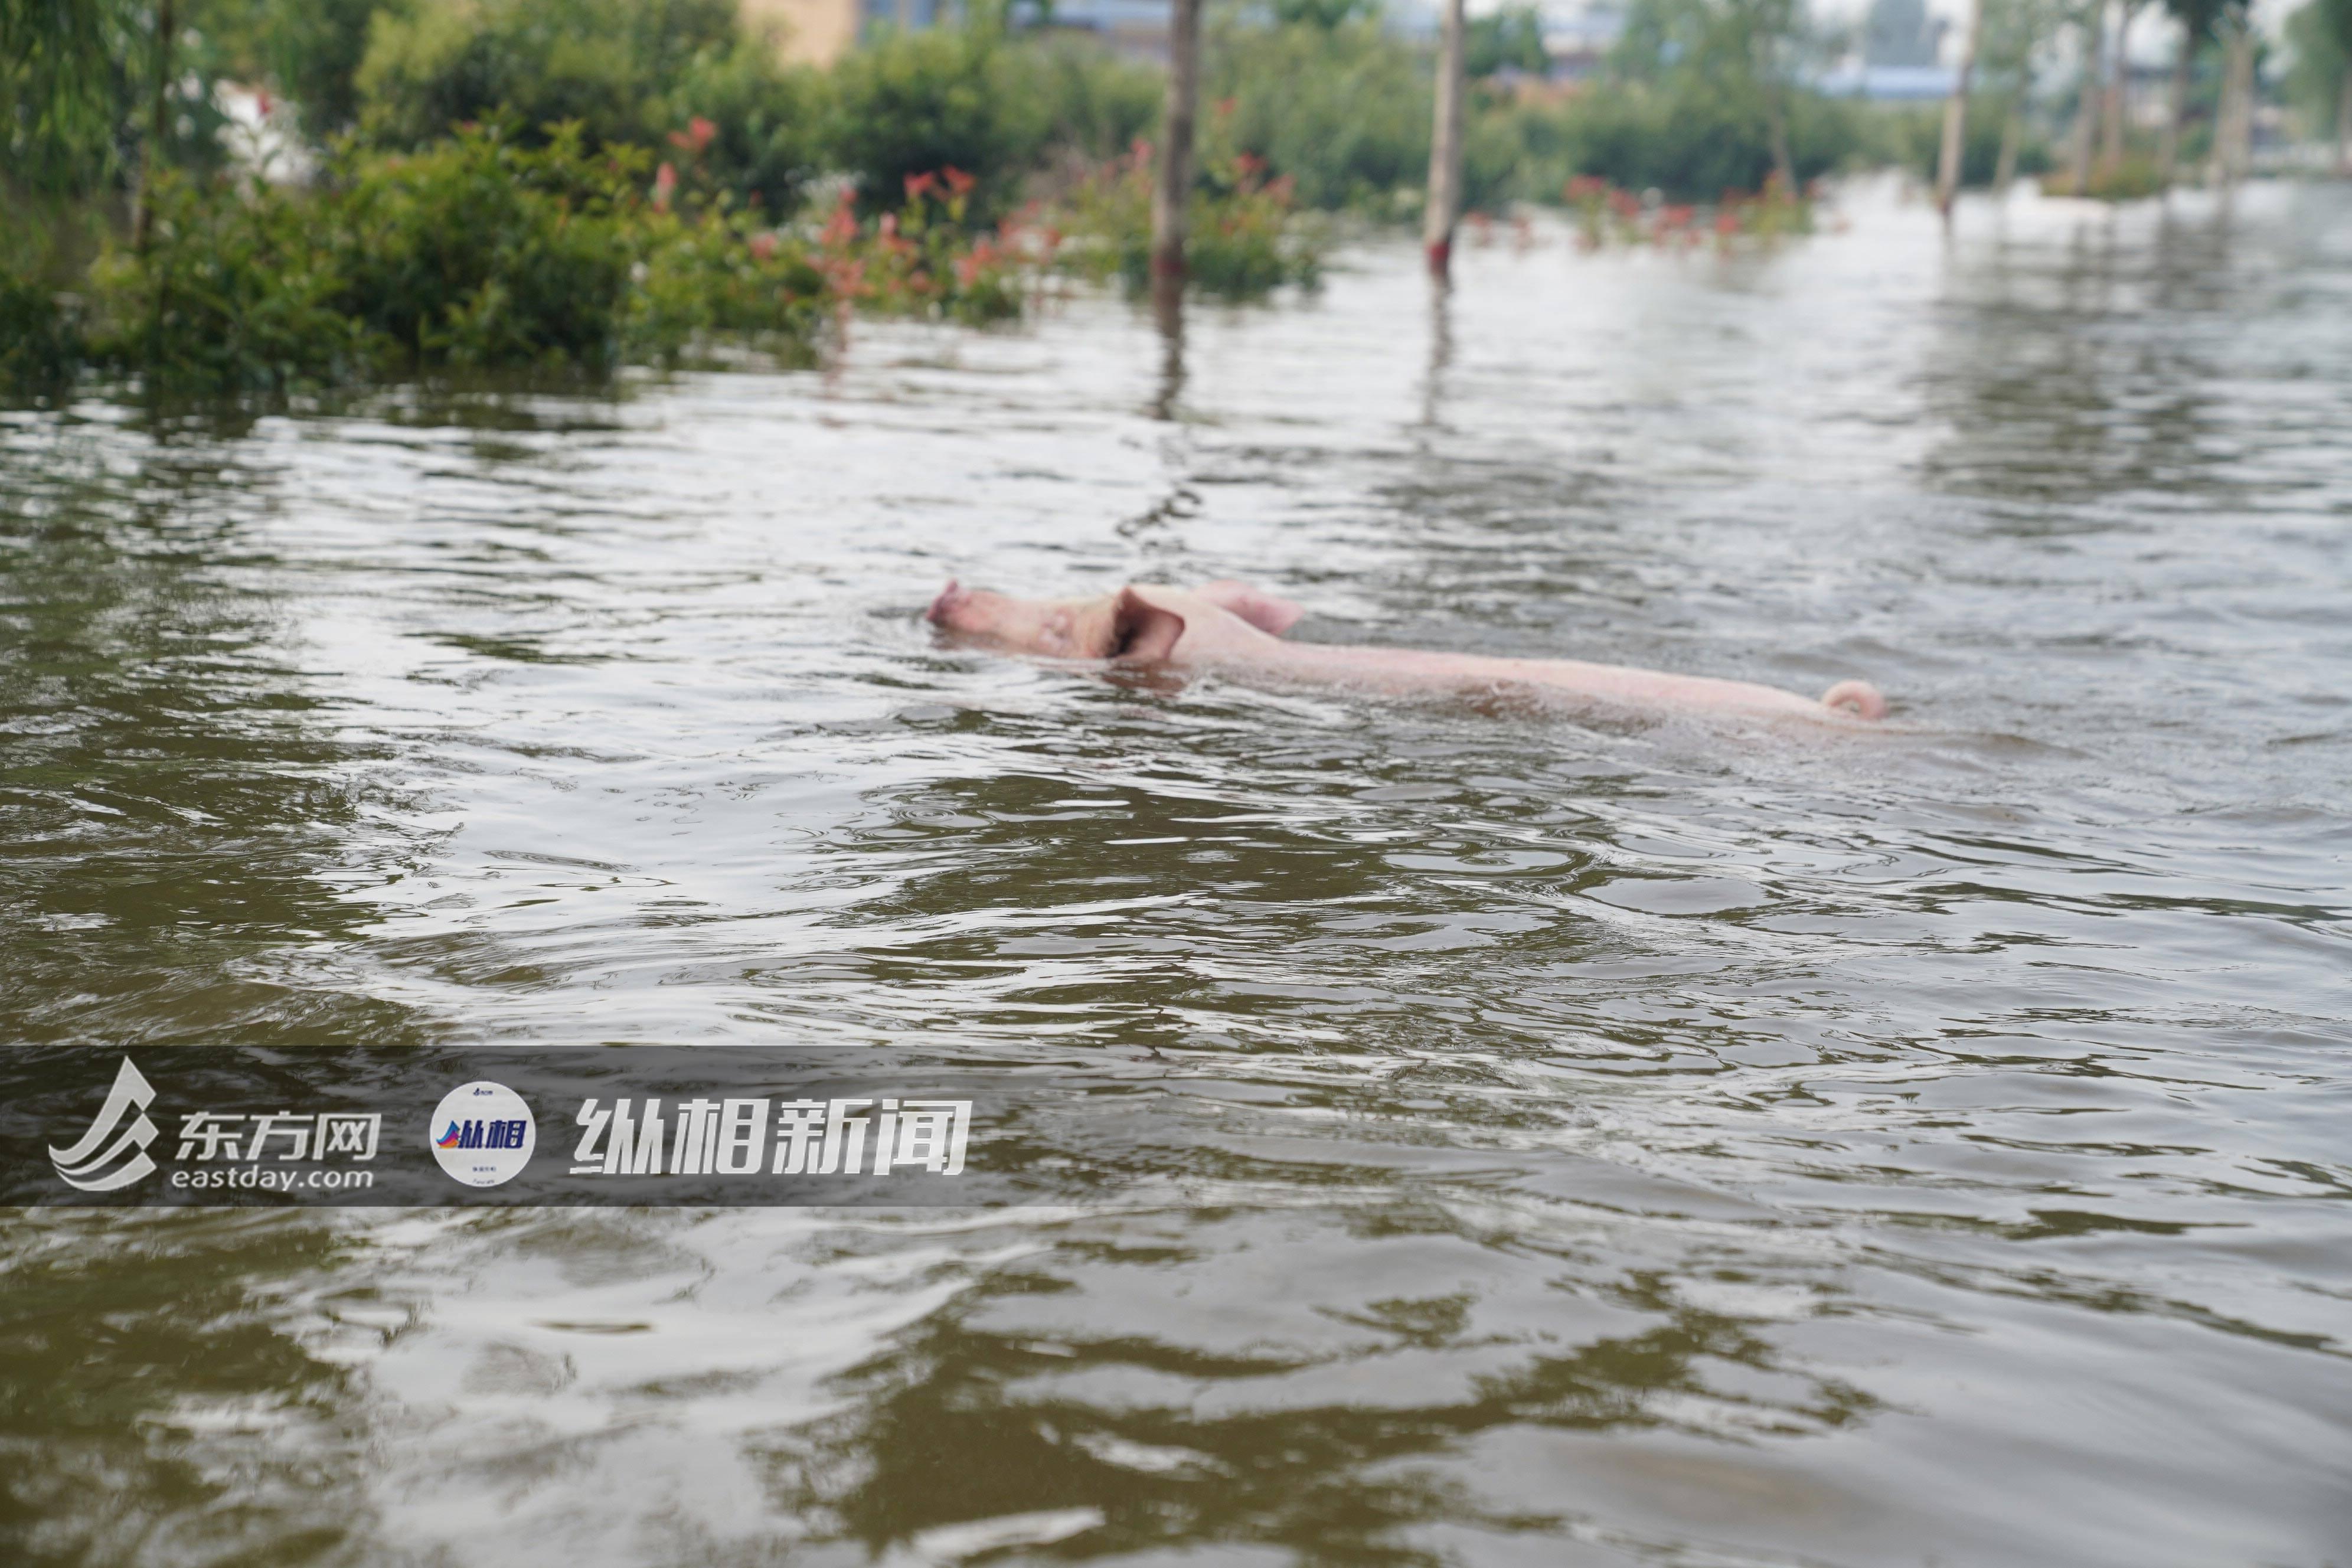 记者实探即将泄洪的淇县:救援人员苦苦哀求,村民为看家不肯转移